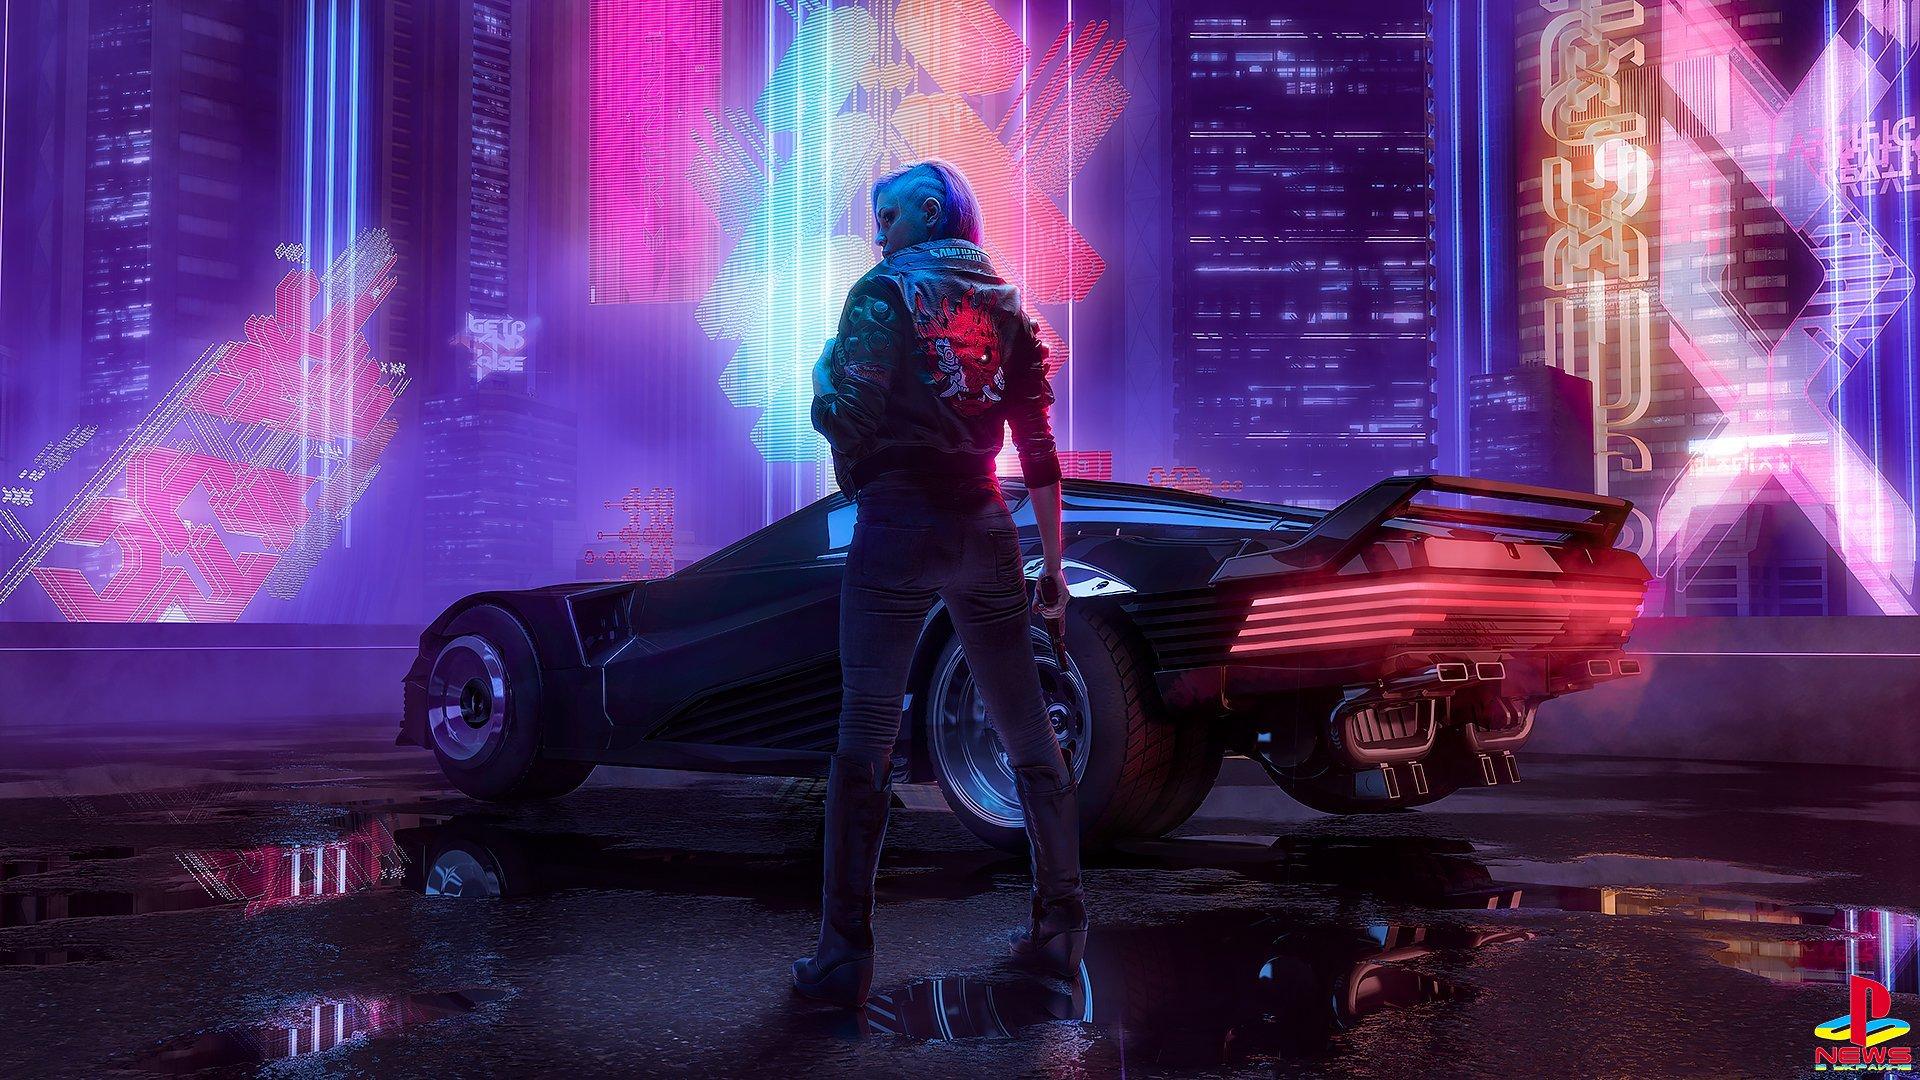 В Cyberpunk 2077 нет масштабирования уровней и ограничений на исследование мира